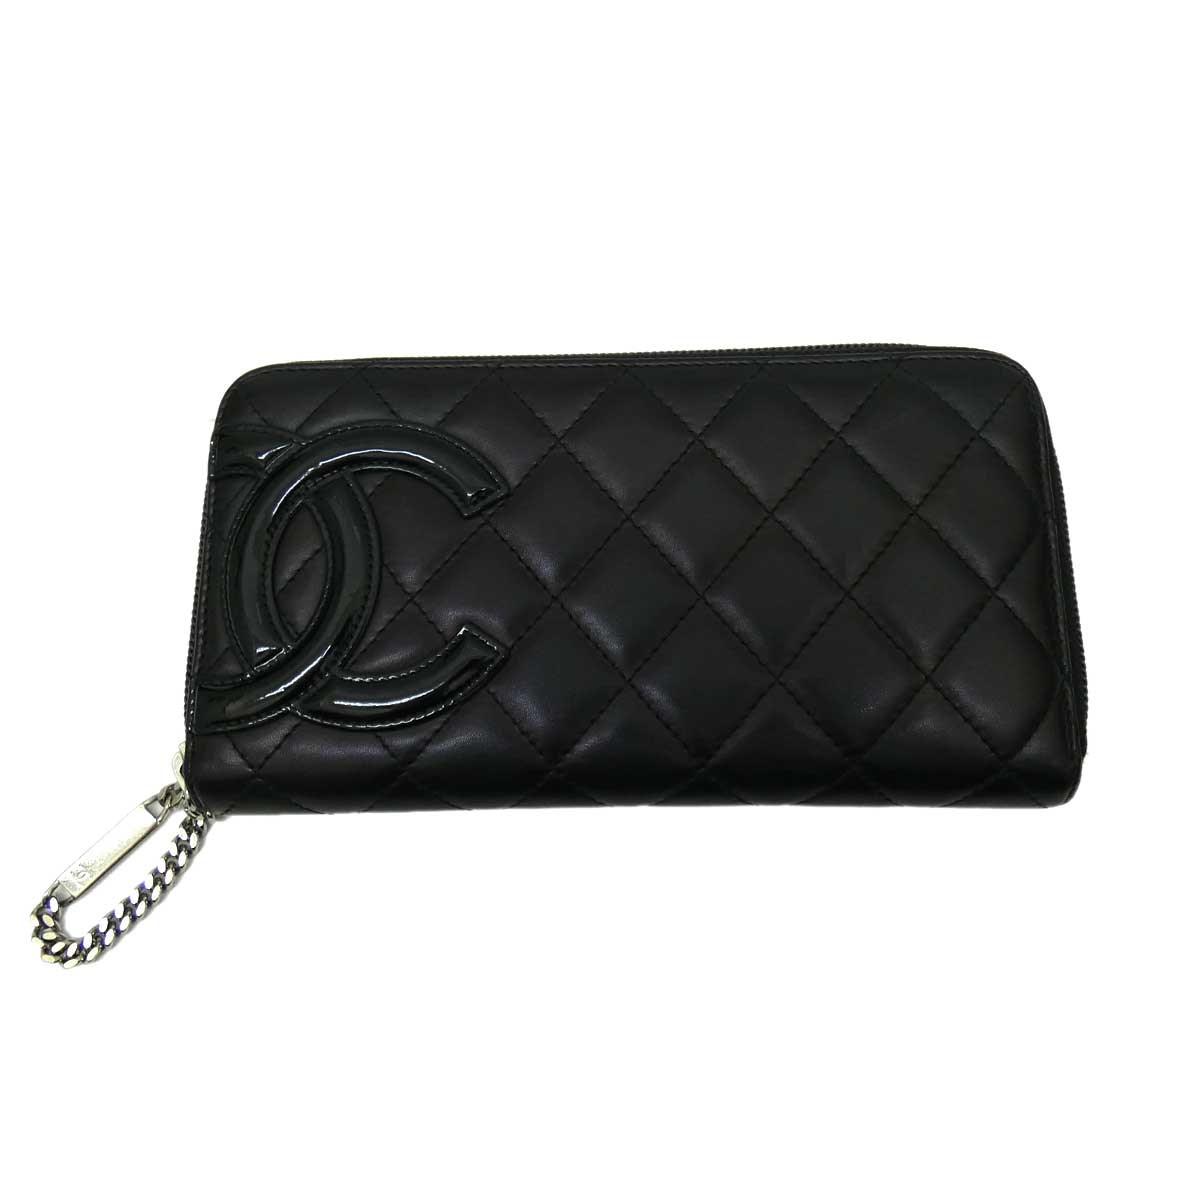 【中古】CHANELカンボン A50078 長財布 ブラック